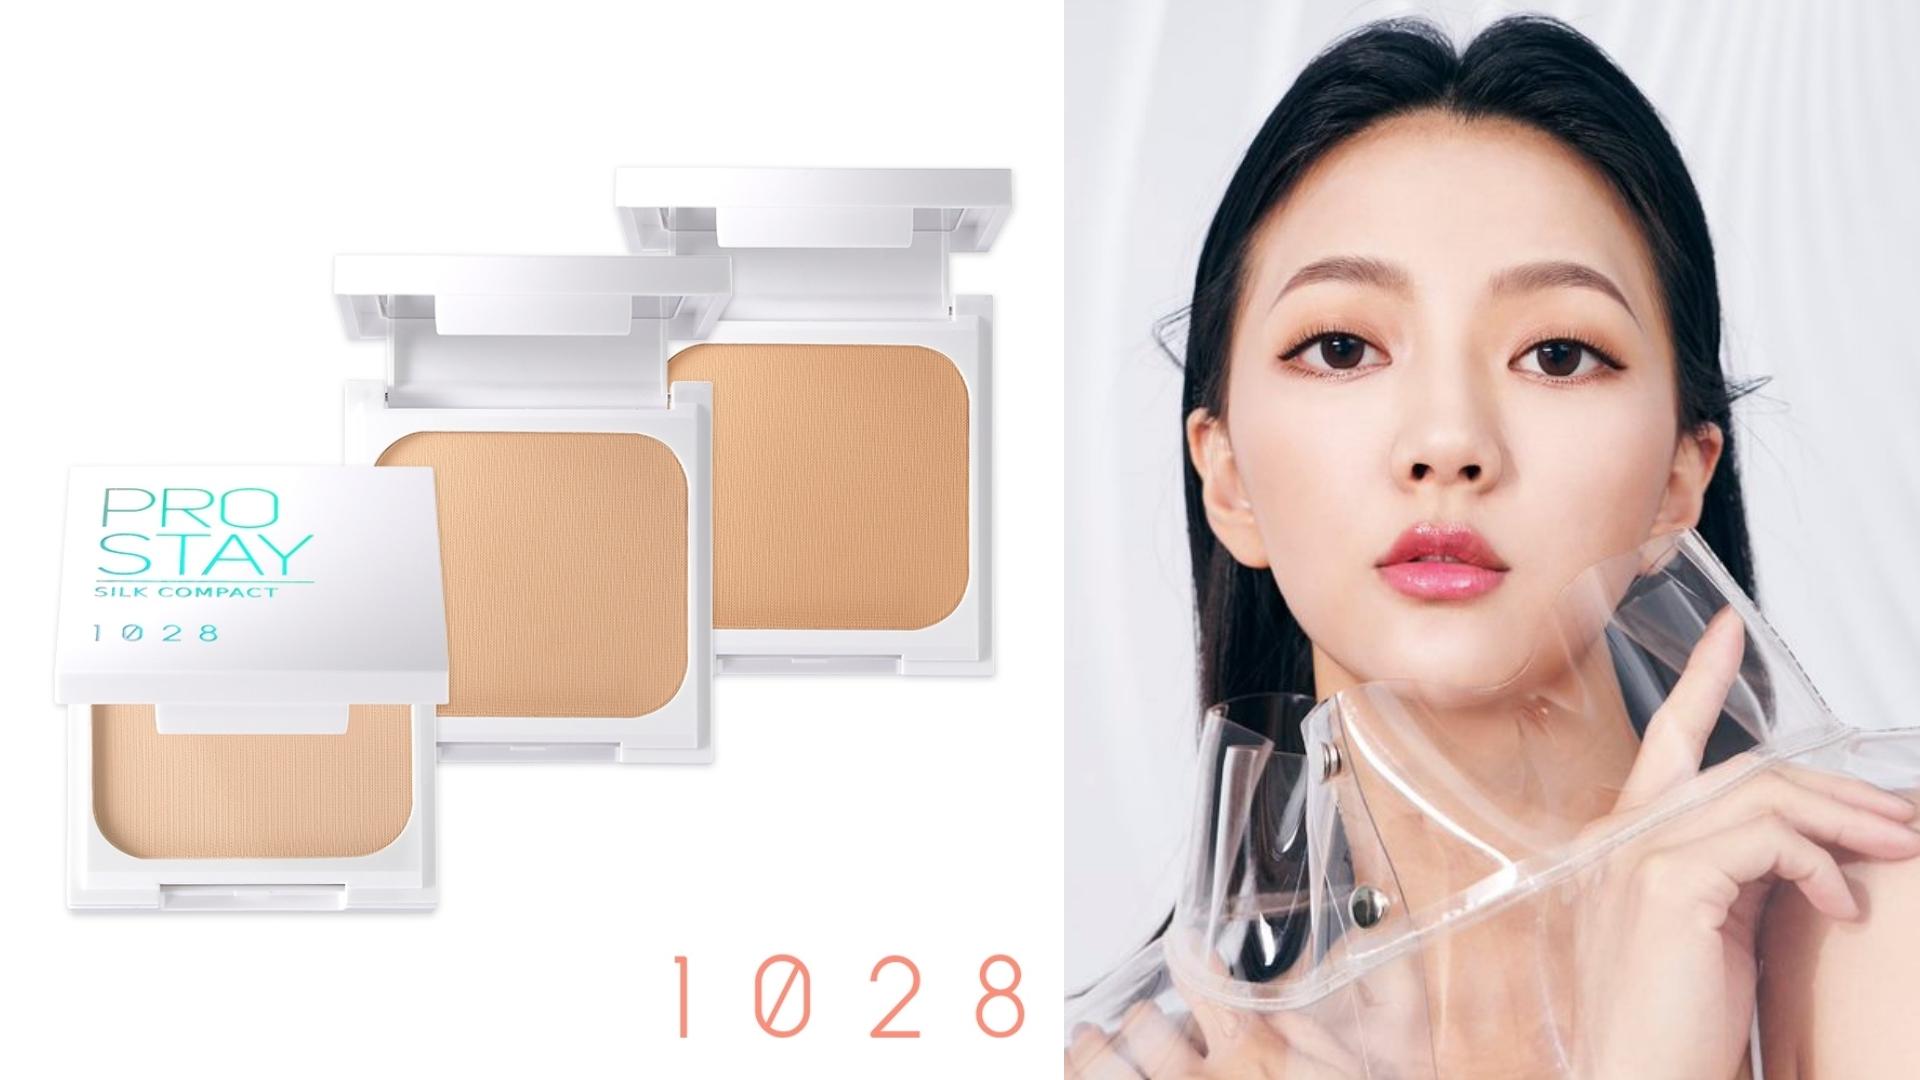 裸紗透氣質地一抹完美貼合肌膚,帶來自然輕透的柔焦妝感,重複補妝也沒有厚粉感,透過輕盈粉體使肌膚零負擔